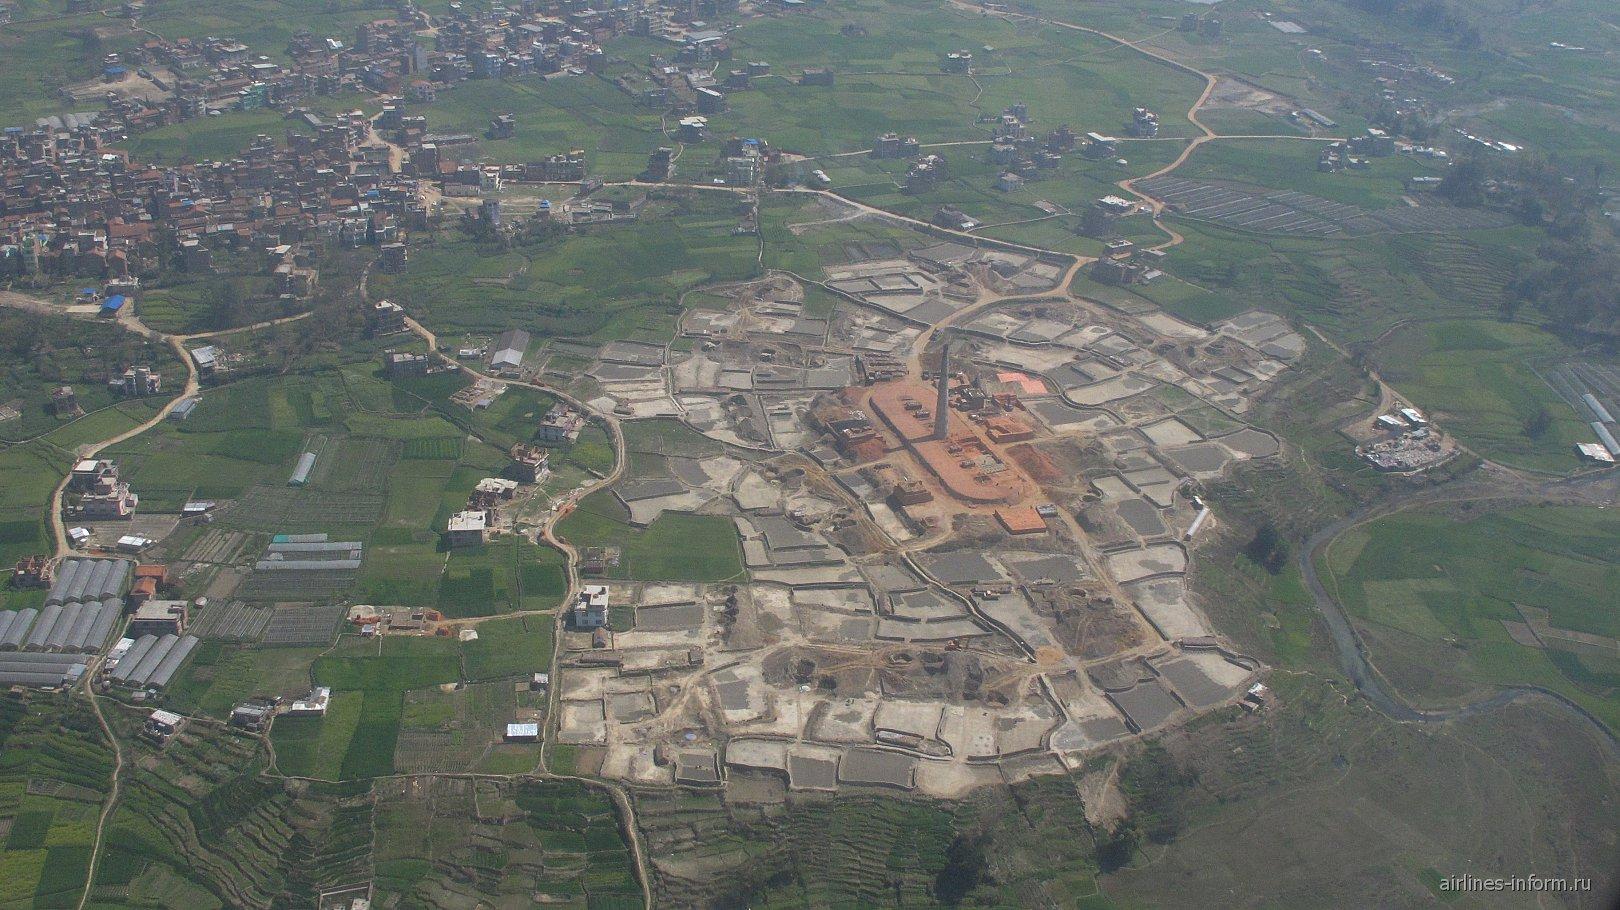 Кирпичный завод в пригороде Катманду